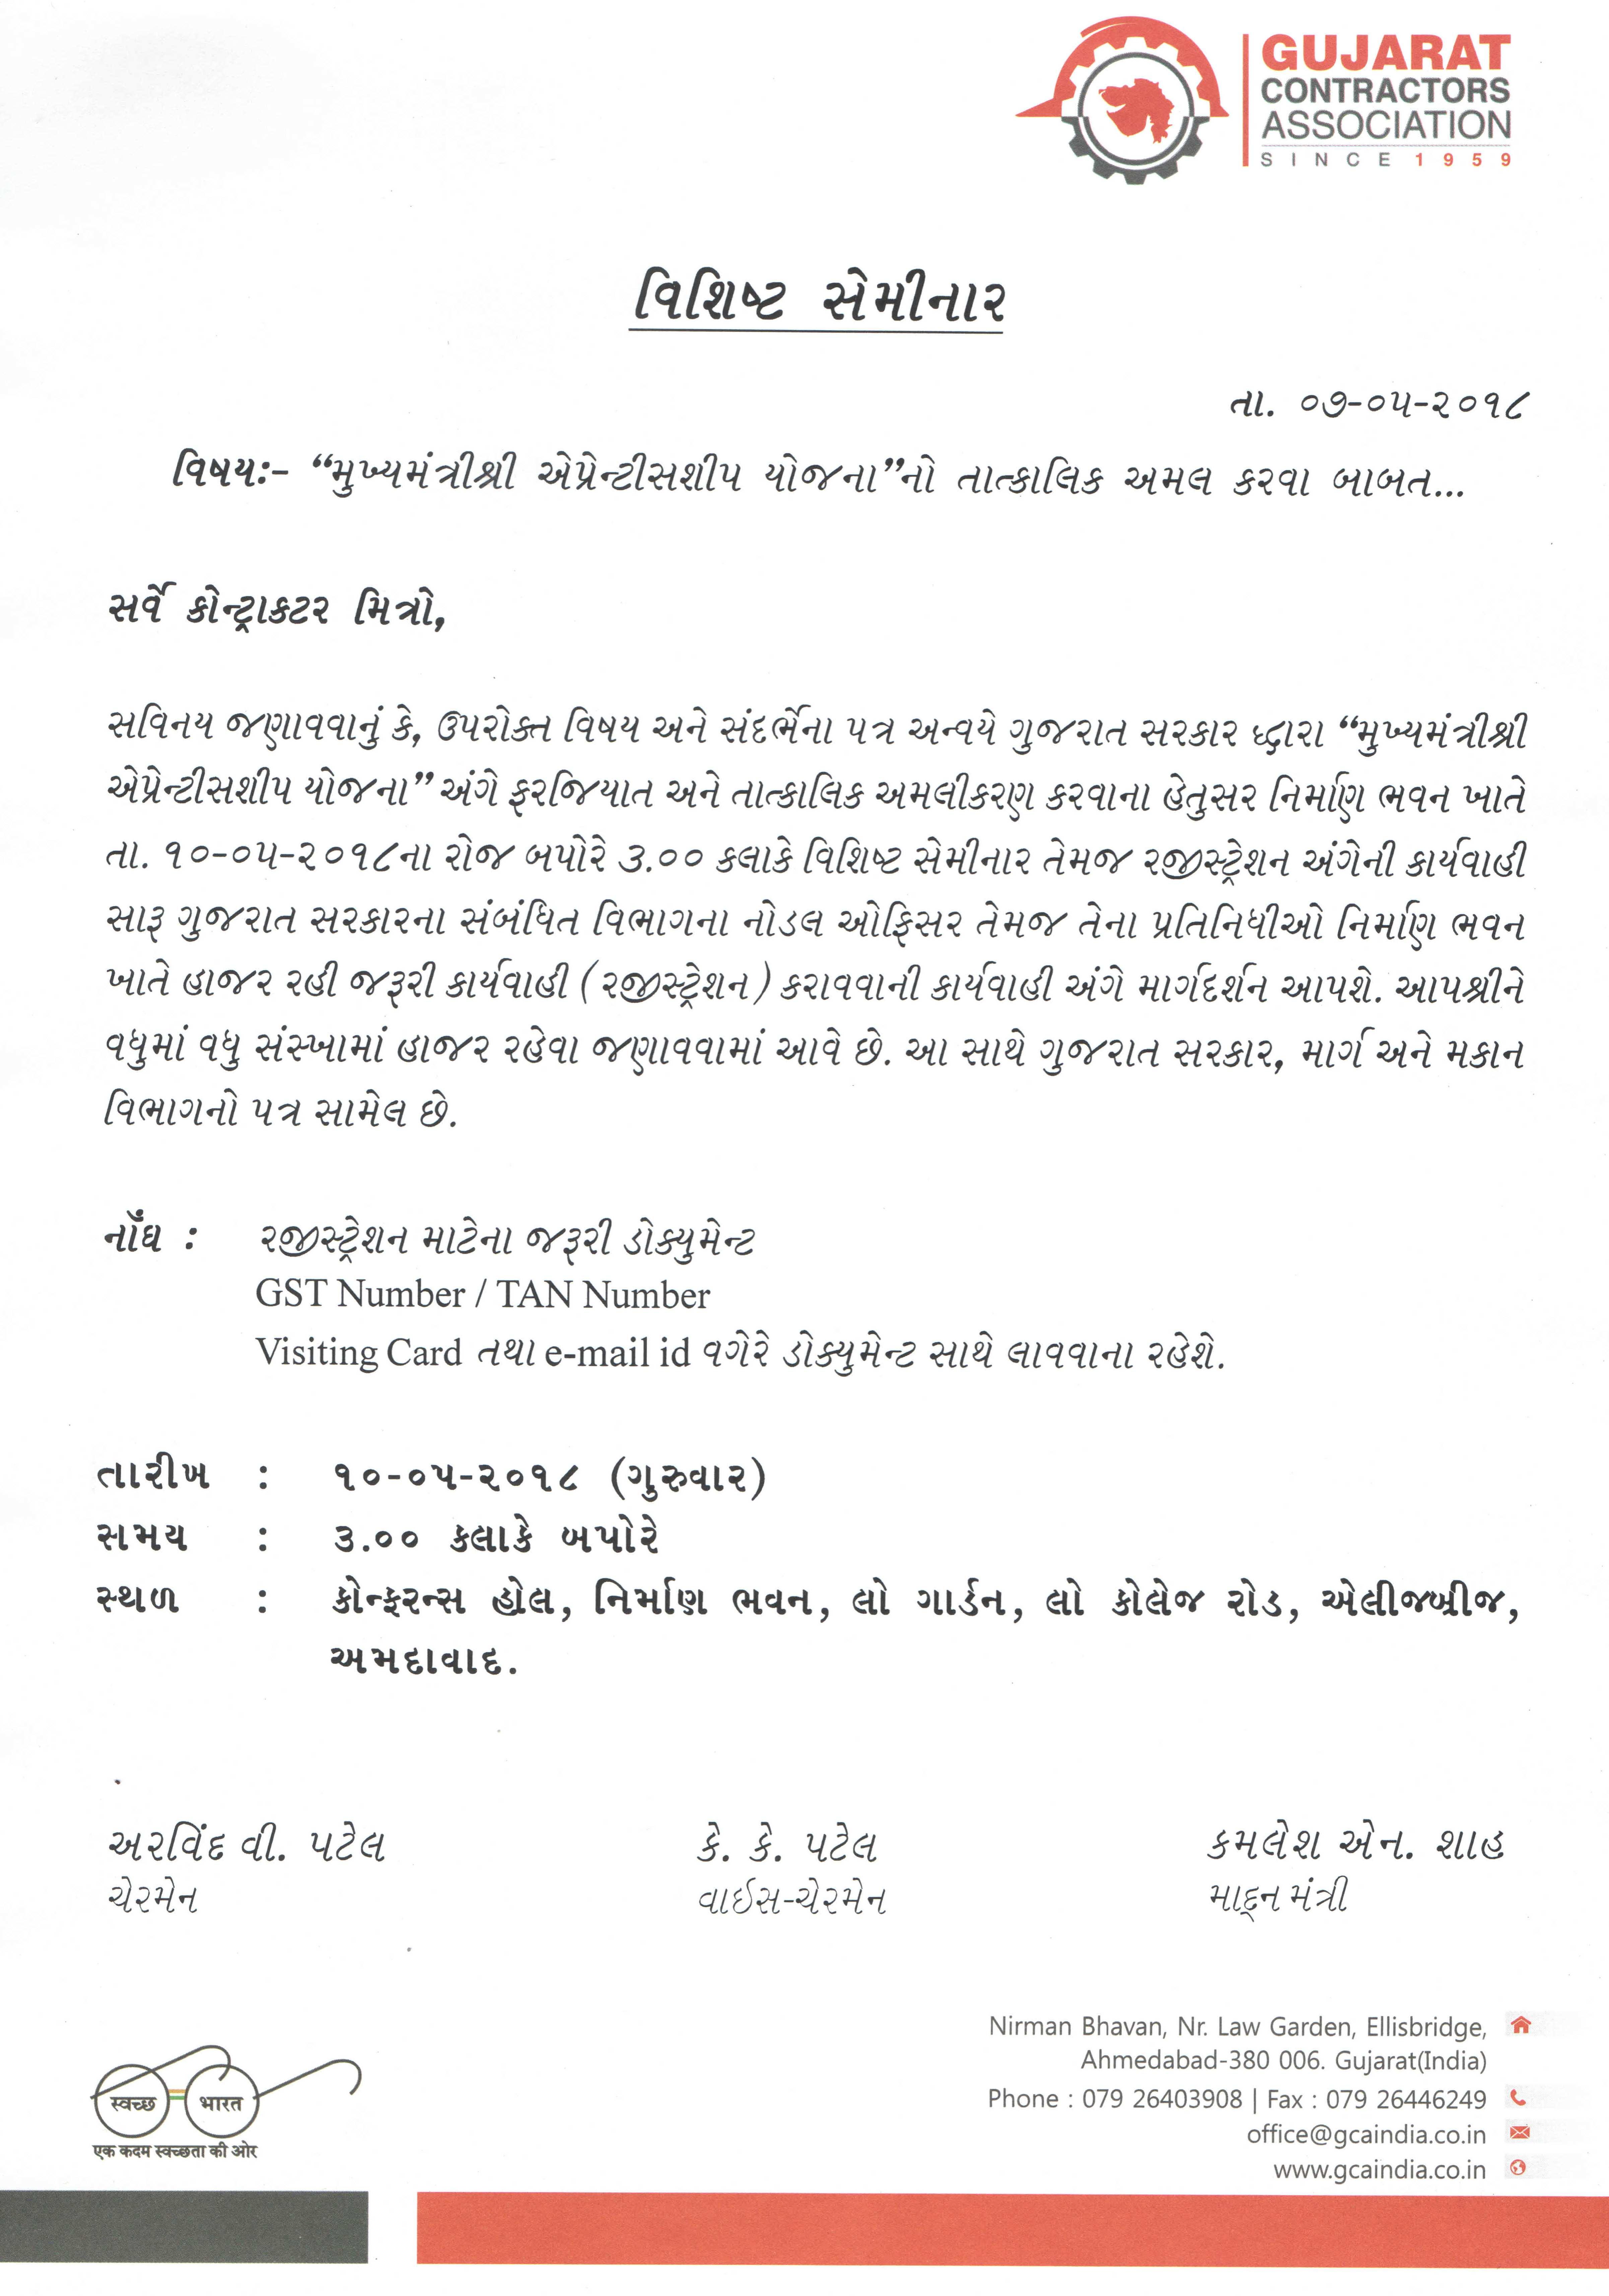 Gujarat Contractors Association